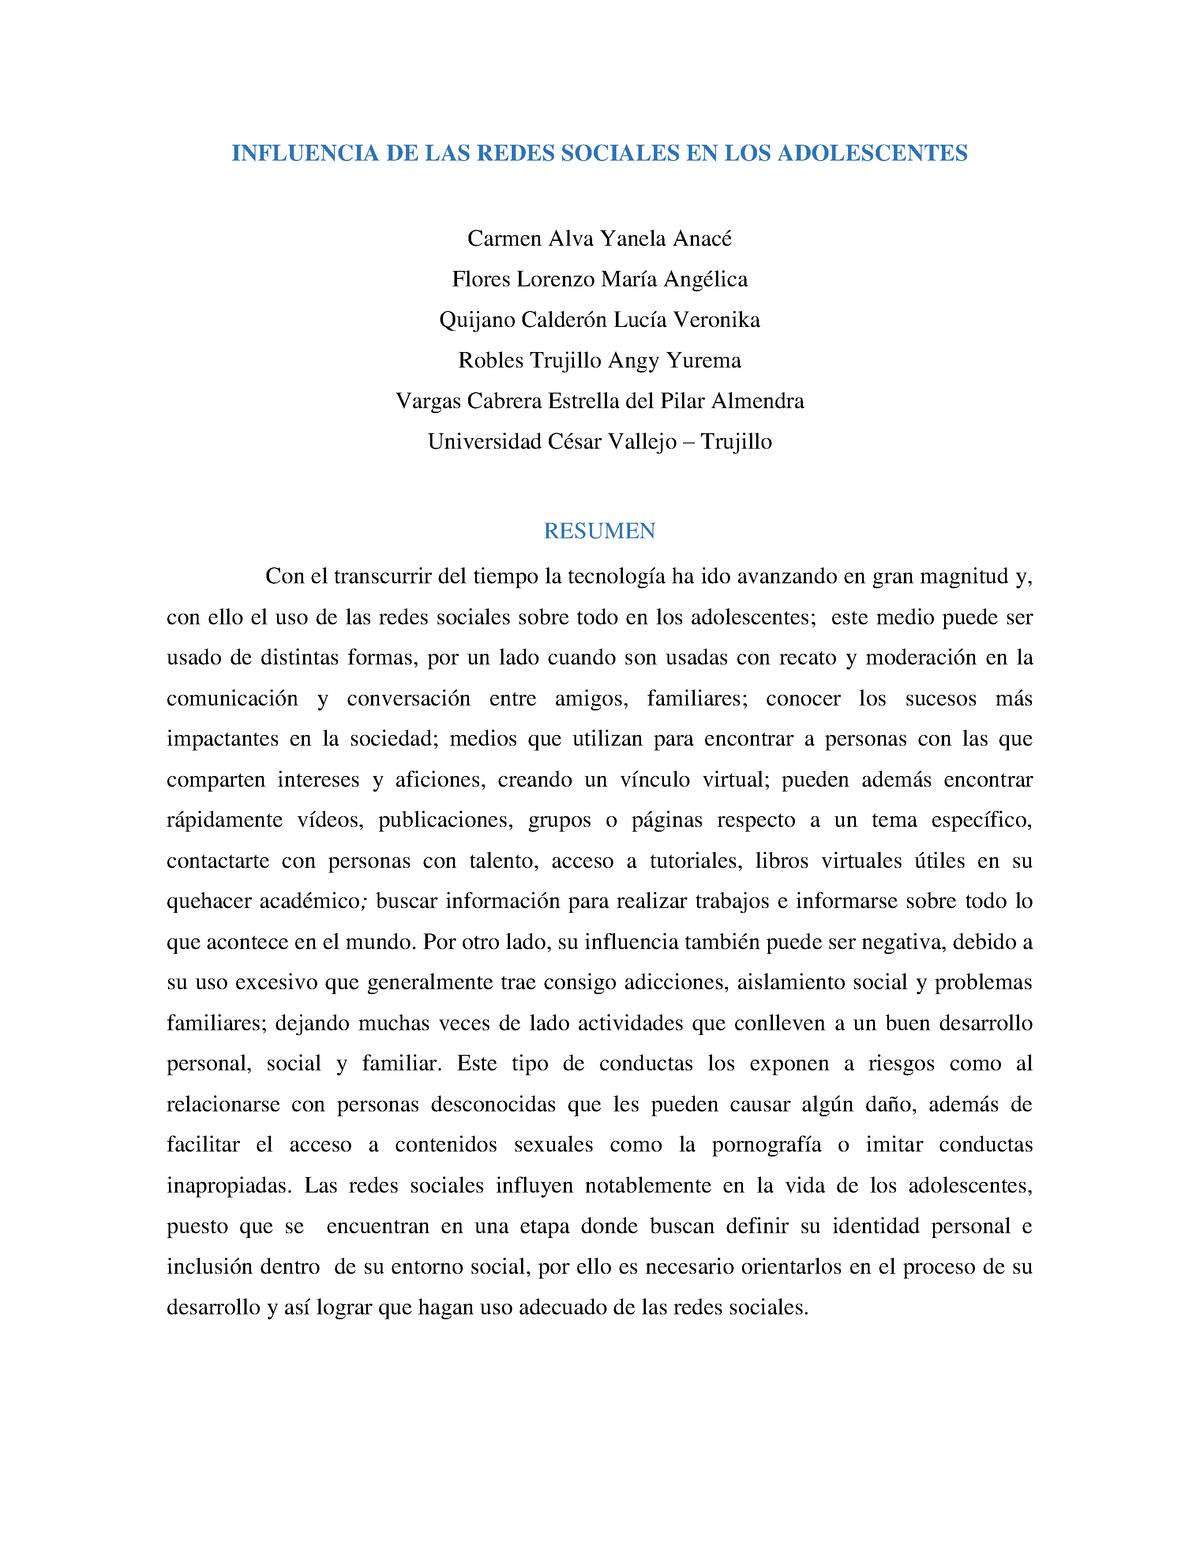 Adolescente Con Cara De Vicio Porno 1205 texto del artículo 4044 1 10 2017 1219 1 - soc219 - studocu